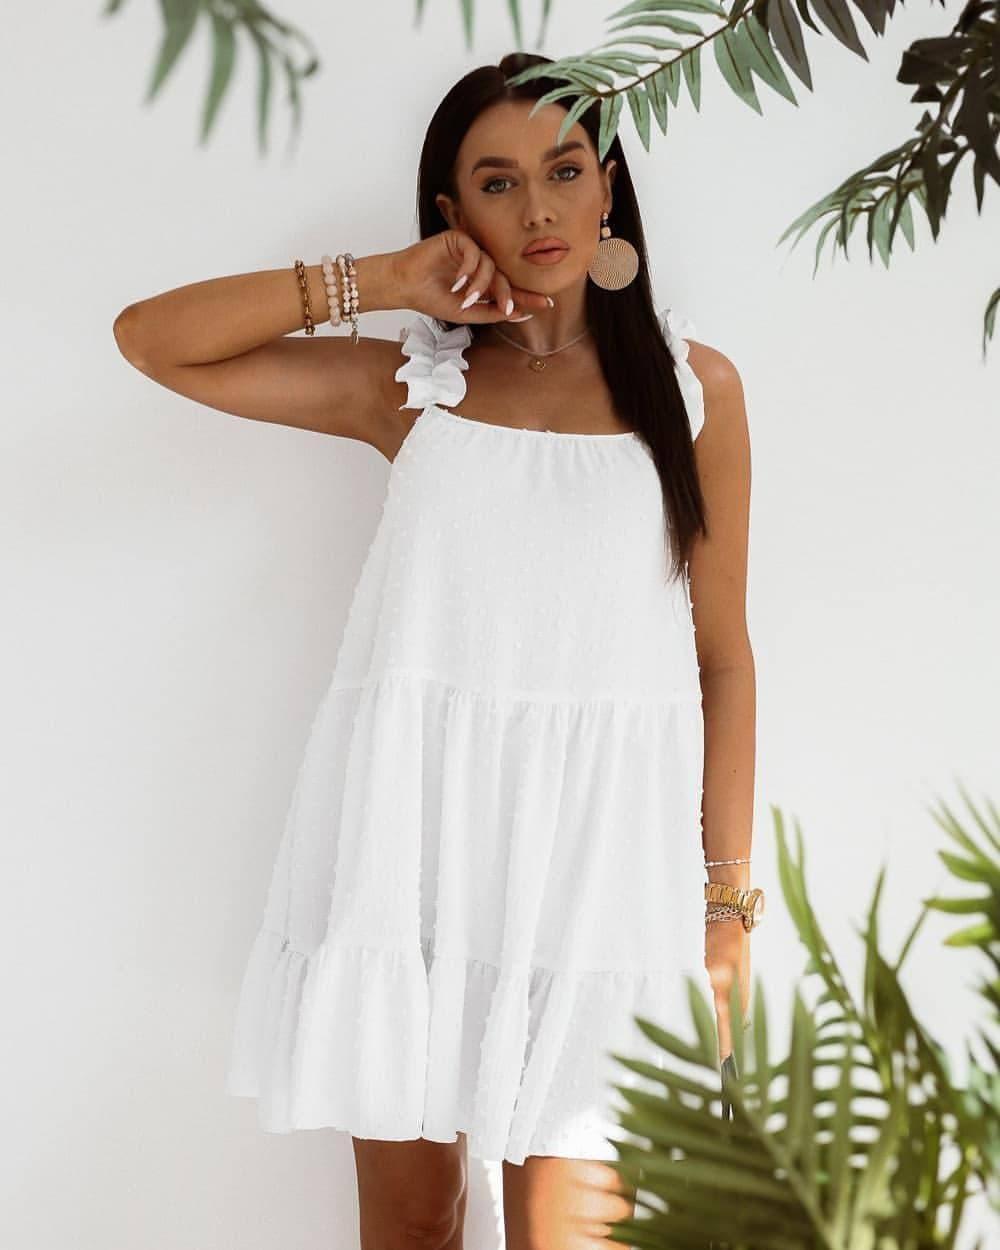 Легкое свободное нежное платье белого цвета прямого кроя без рукавов